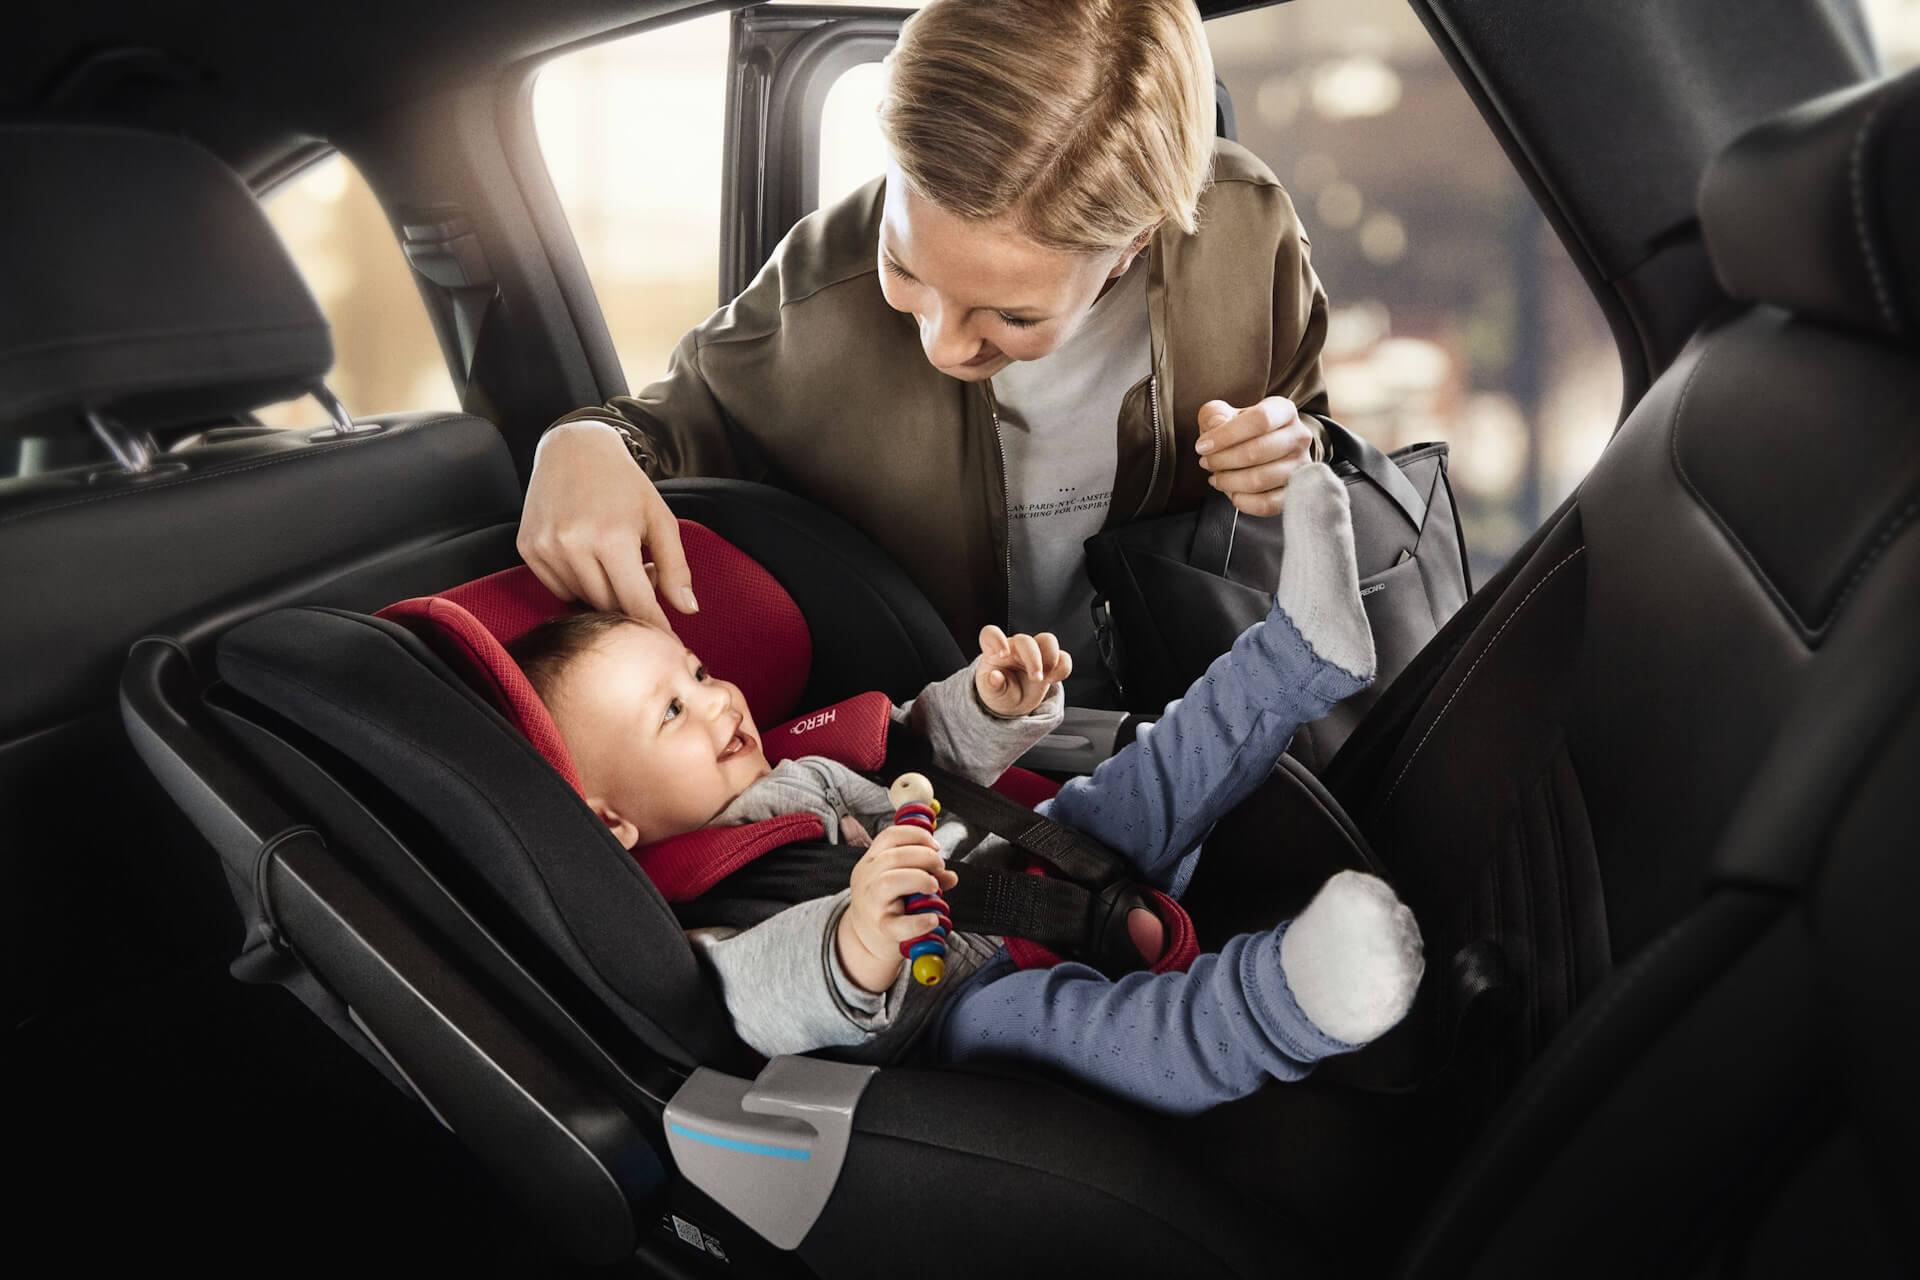 Аренда детского сиденья для автомобиля в Крыму